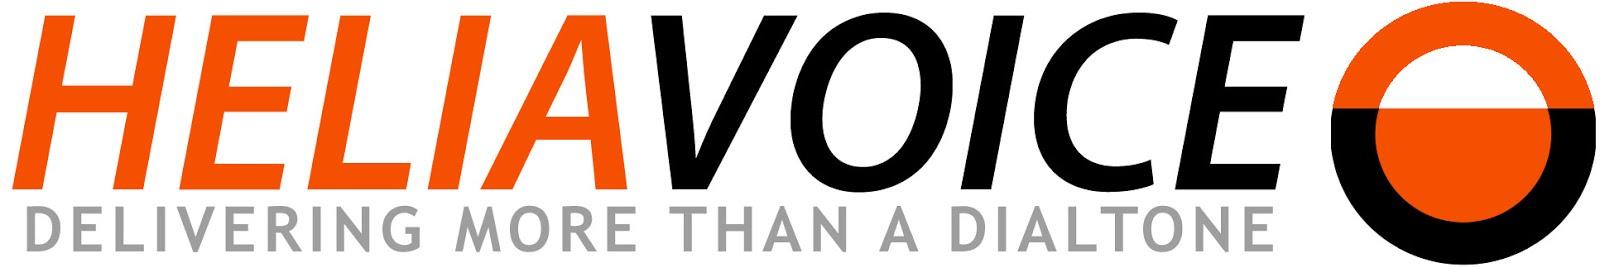 HeliaVoice_Logo_2014.jpg